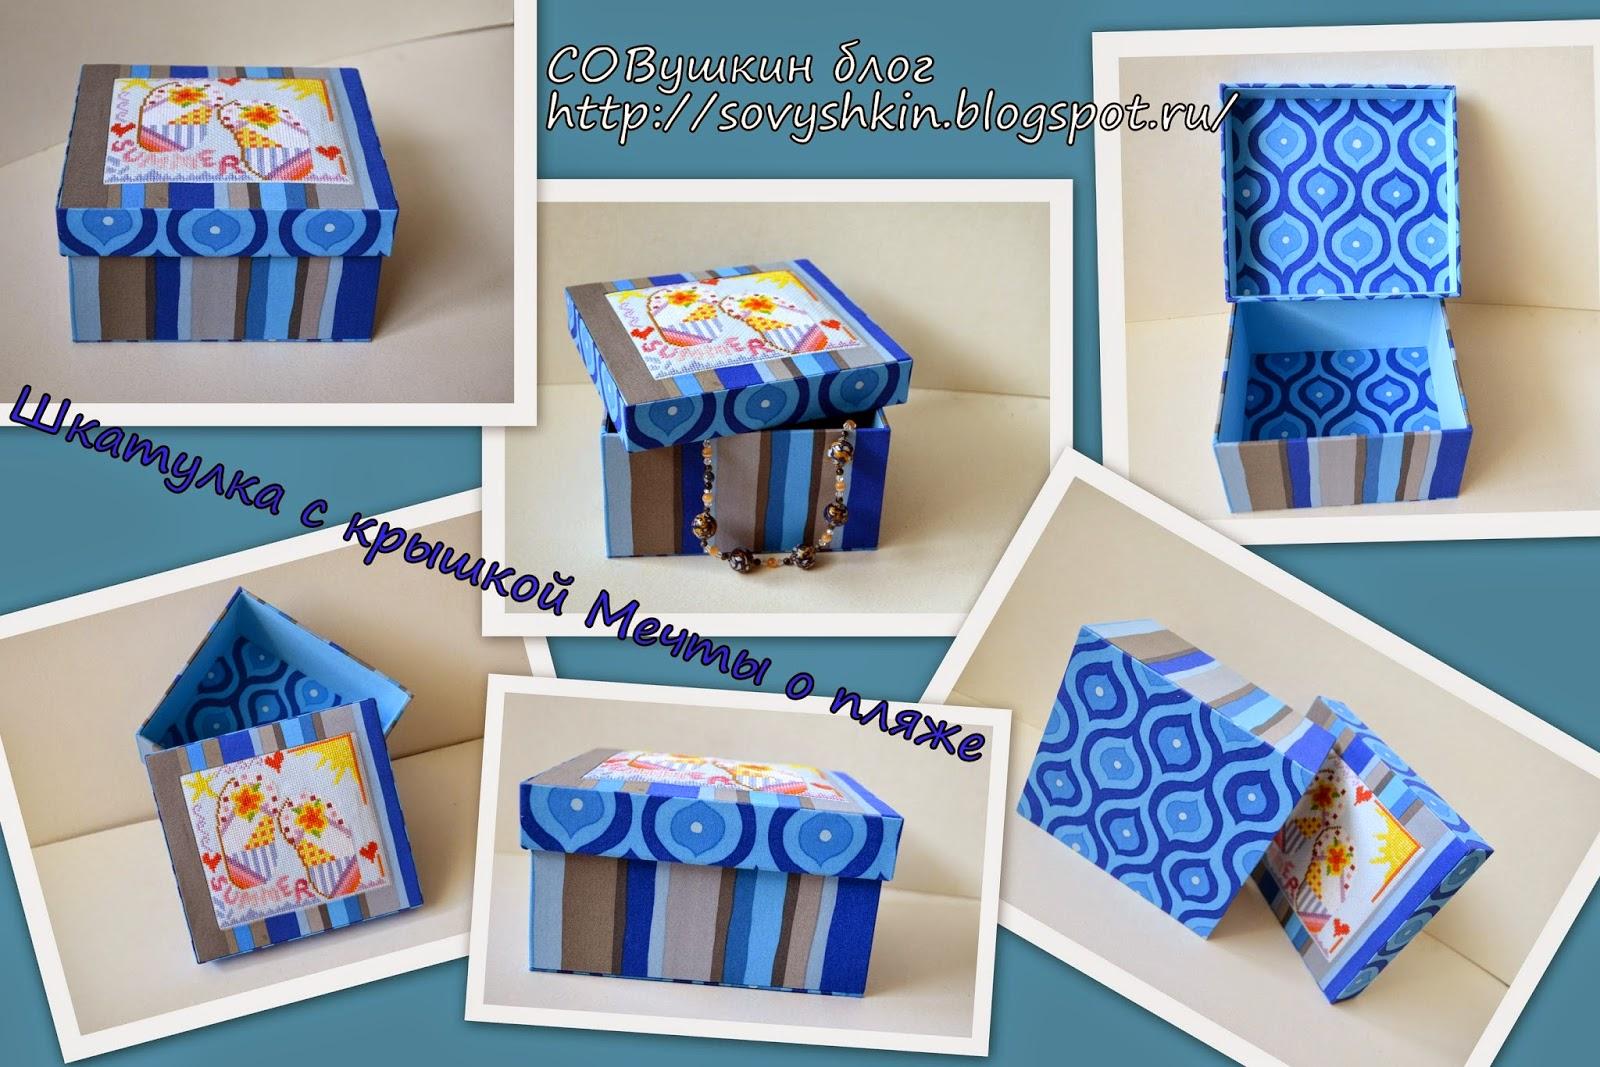 оформление вышивки своими руками, как сделать коробку